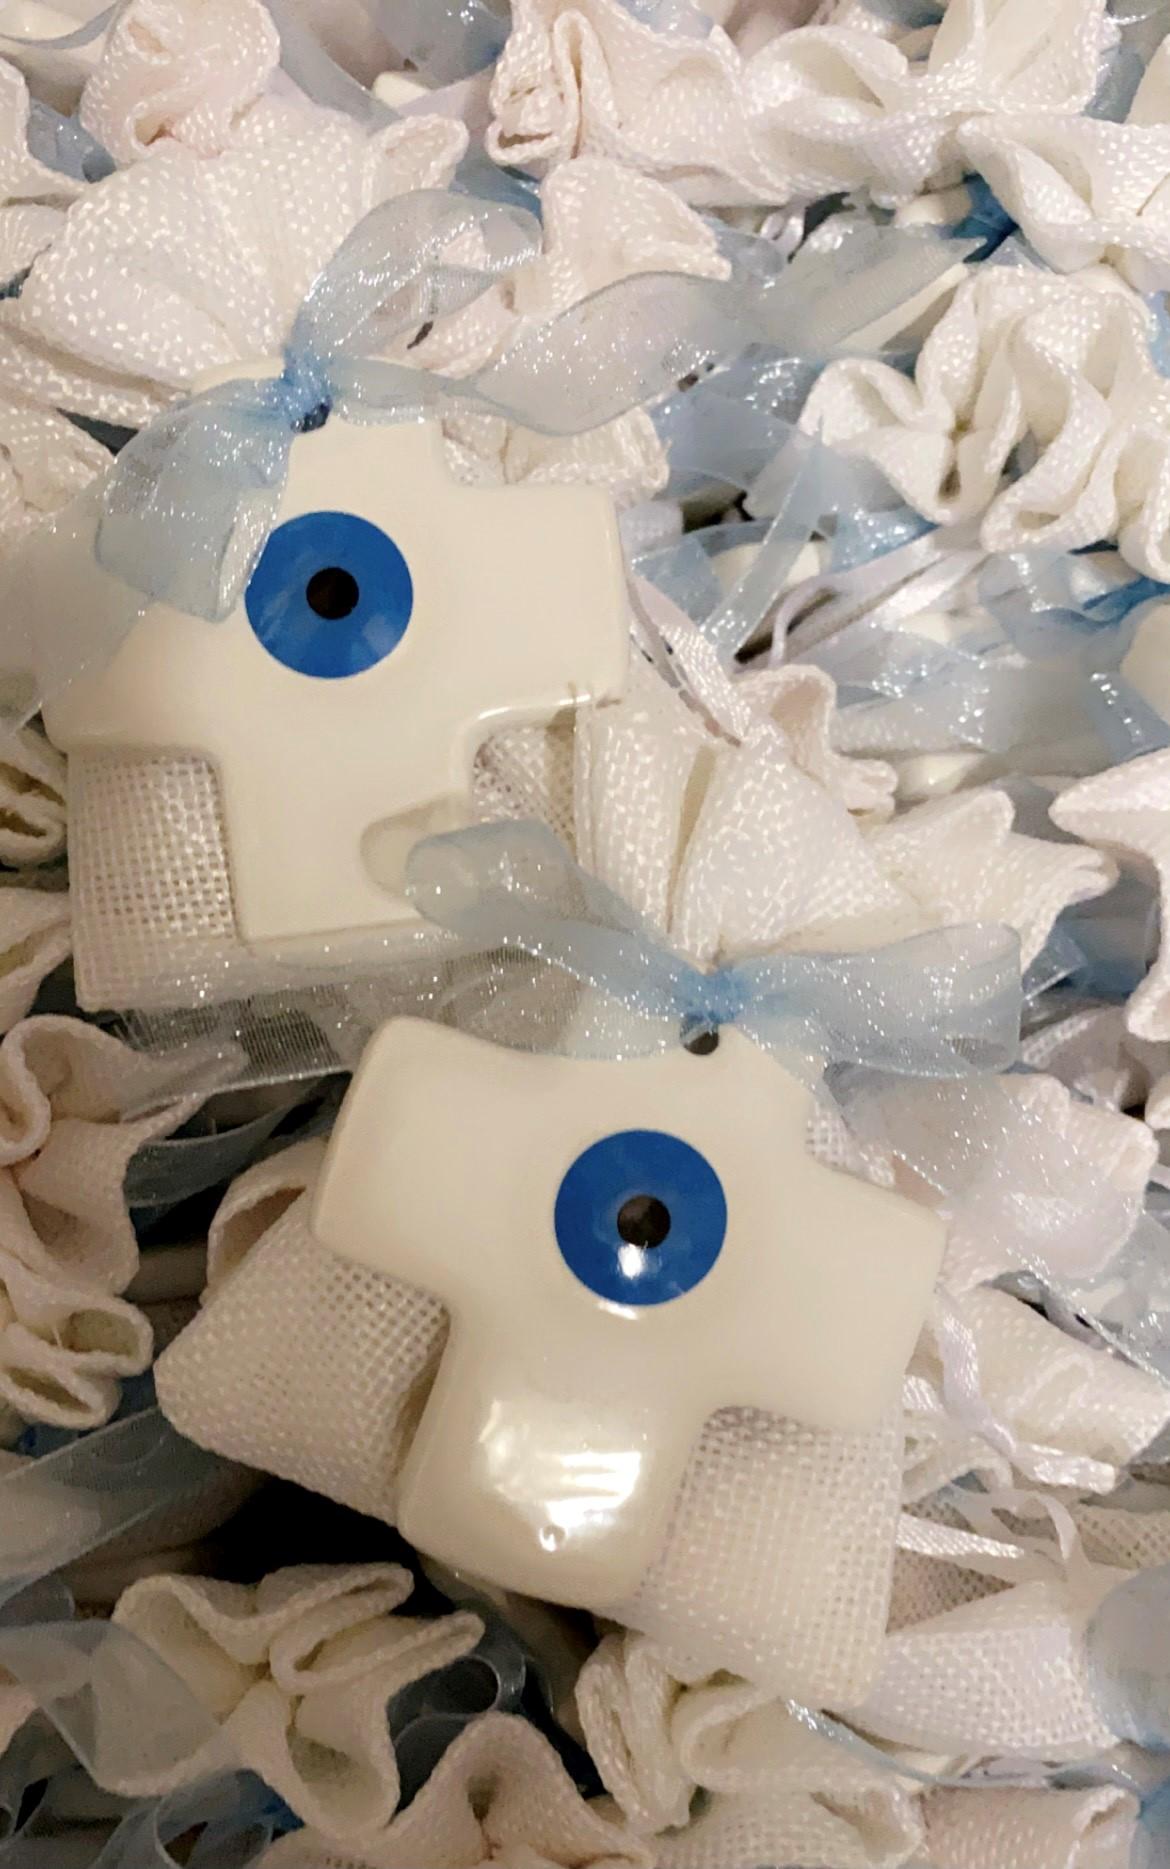 ceramic cross with eye on linen bag